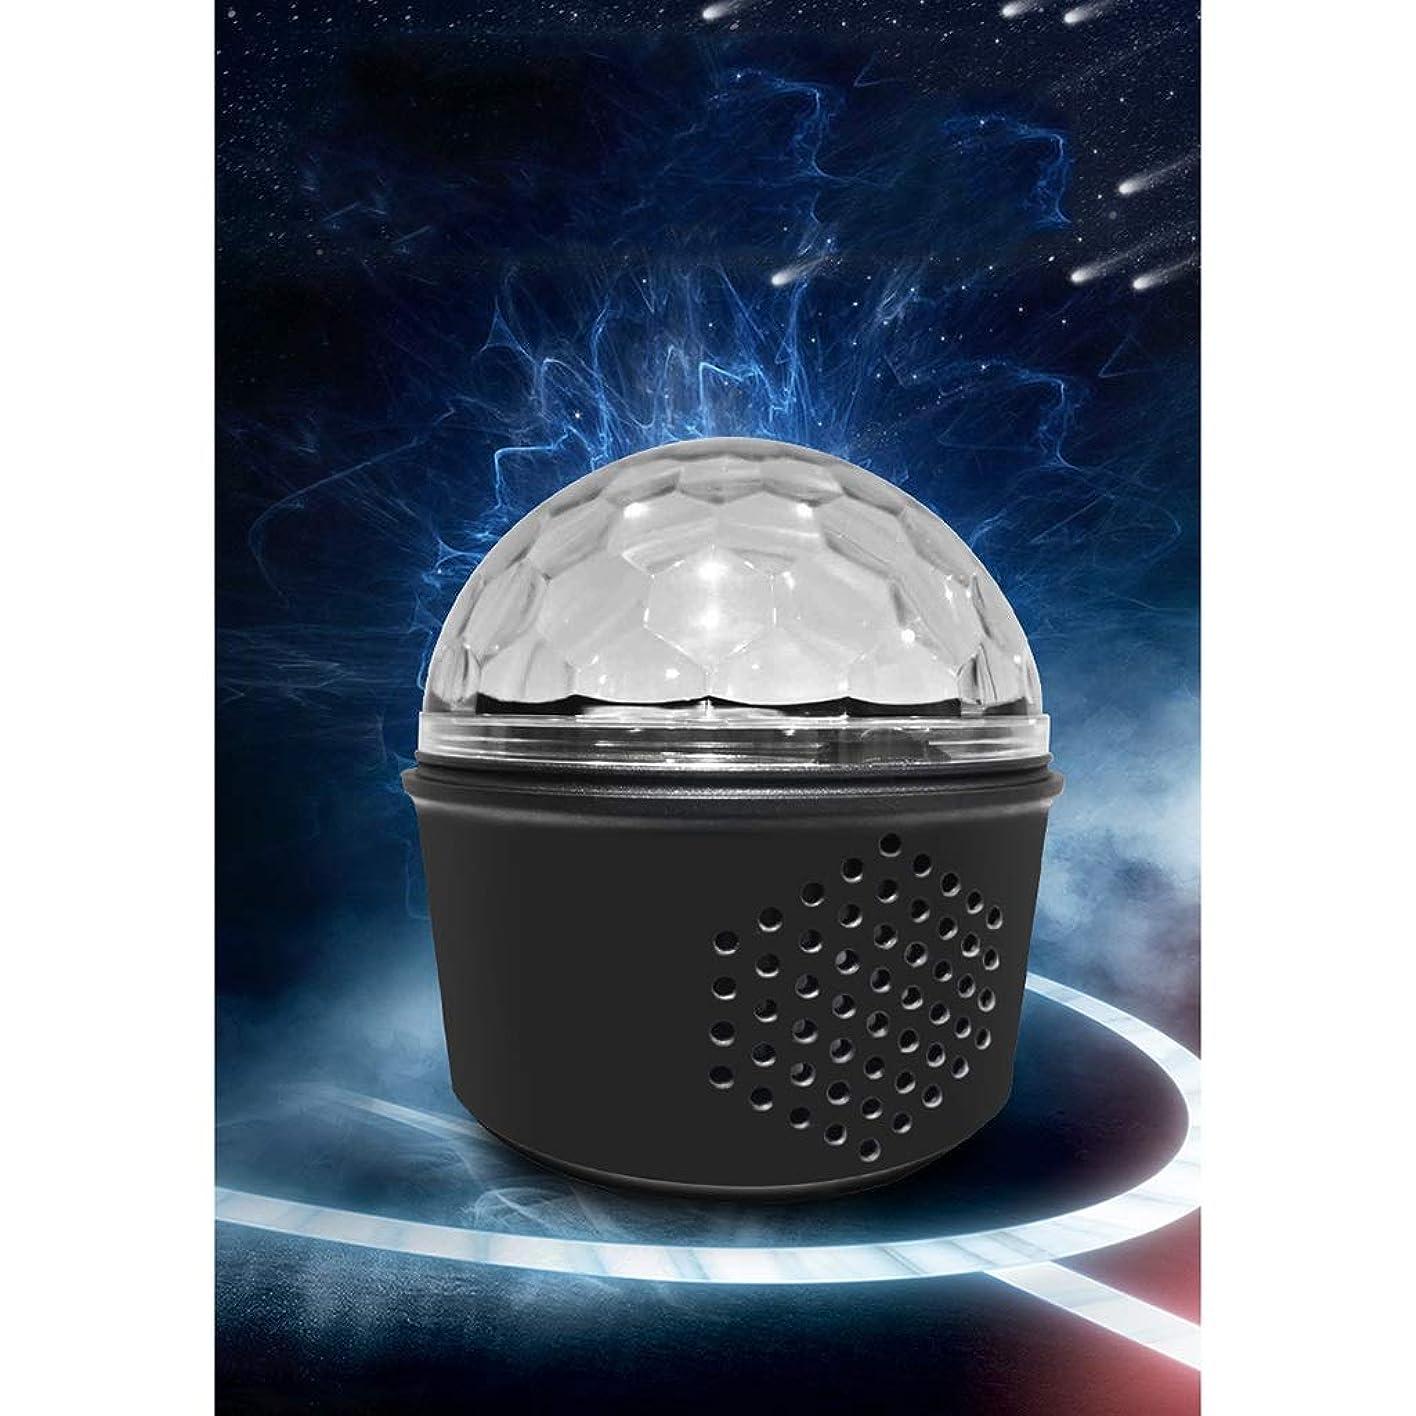 クラッシュ考える天気LEDパーティーステージライトディスコボールライトBluetoothのパーティーはウェディングパーティーKTVクラブパブショーカラオケバーAccessorieのための舞台照明ディスコボールライトDJライトストロボライトスーツを点灯点灯します